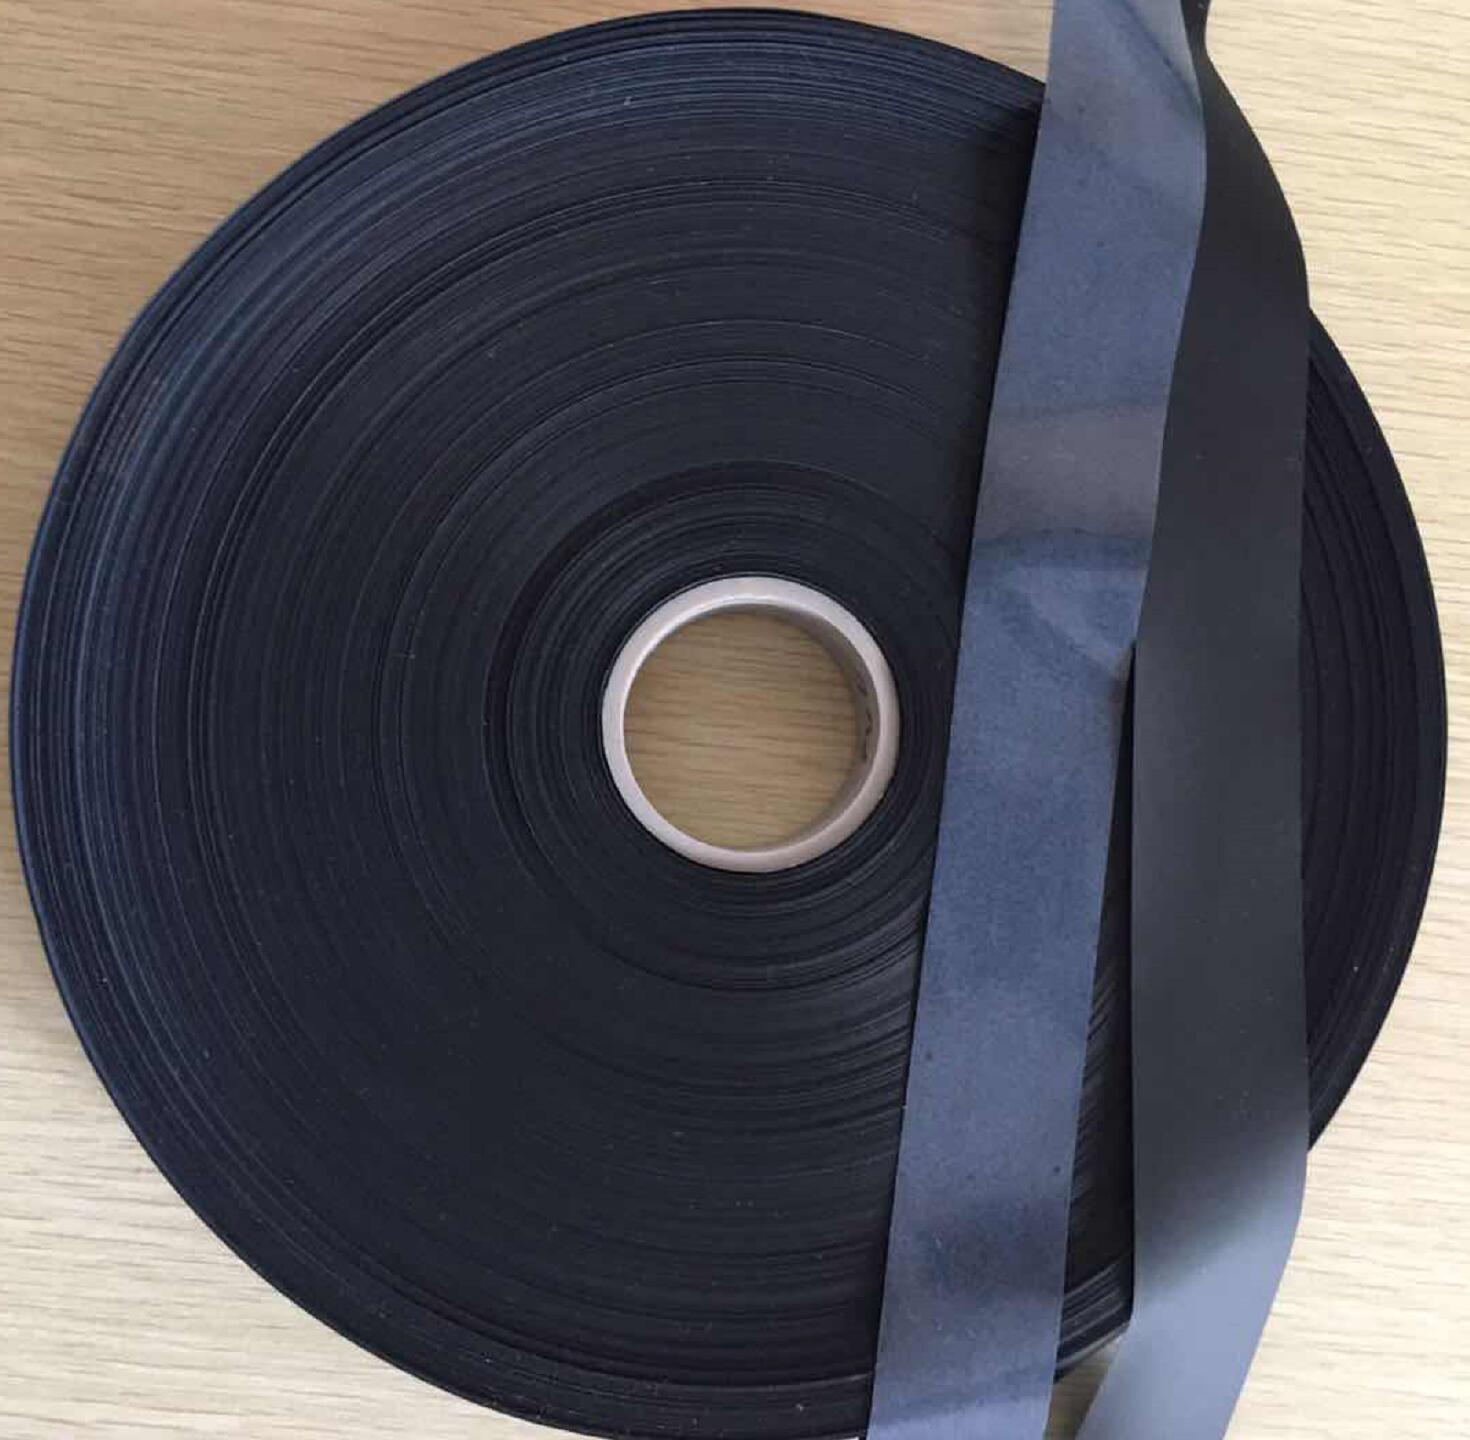 waterproof zipper use pvc tape